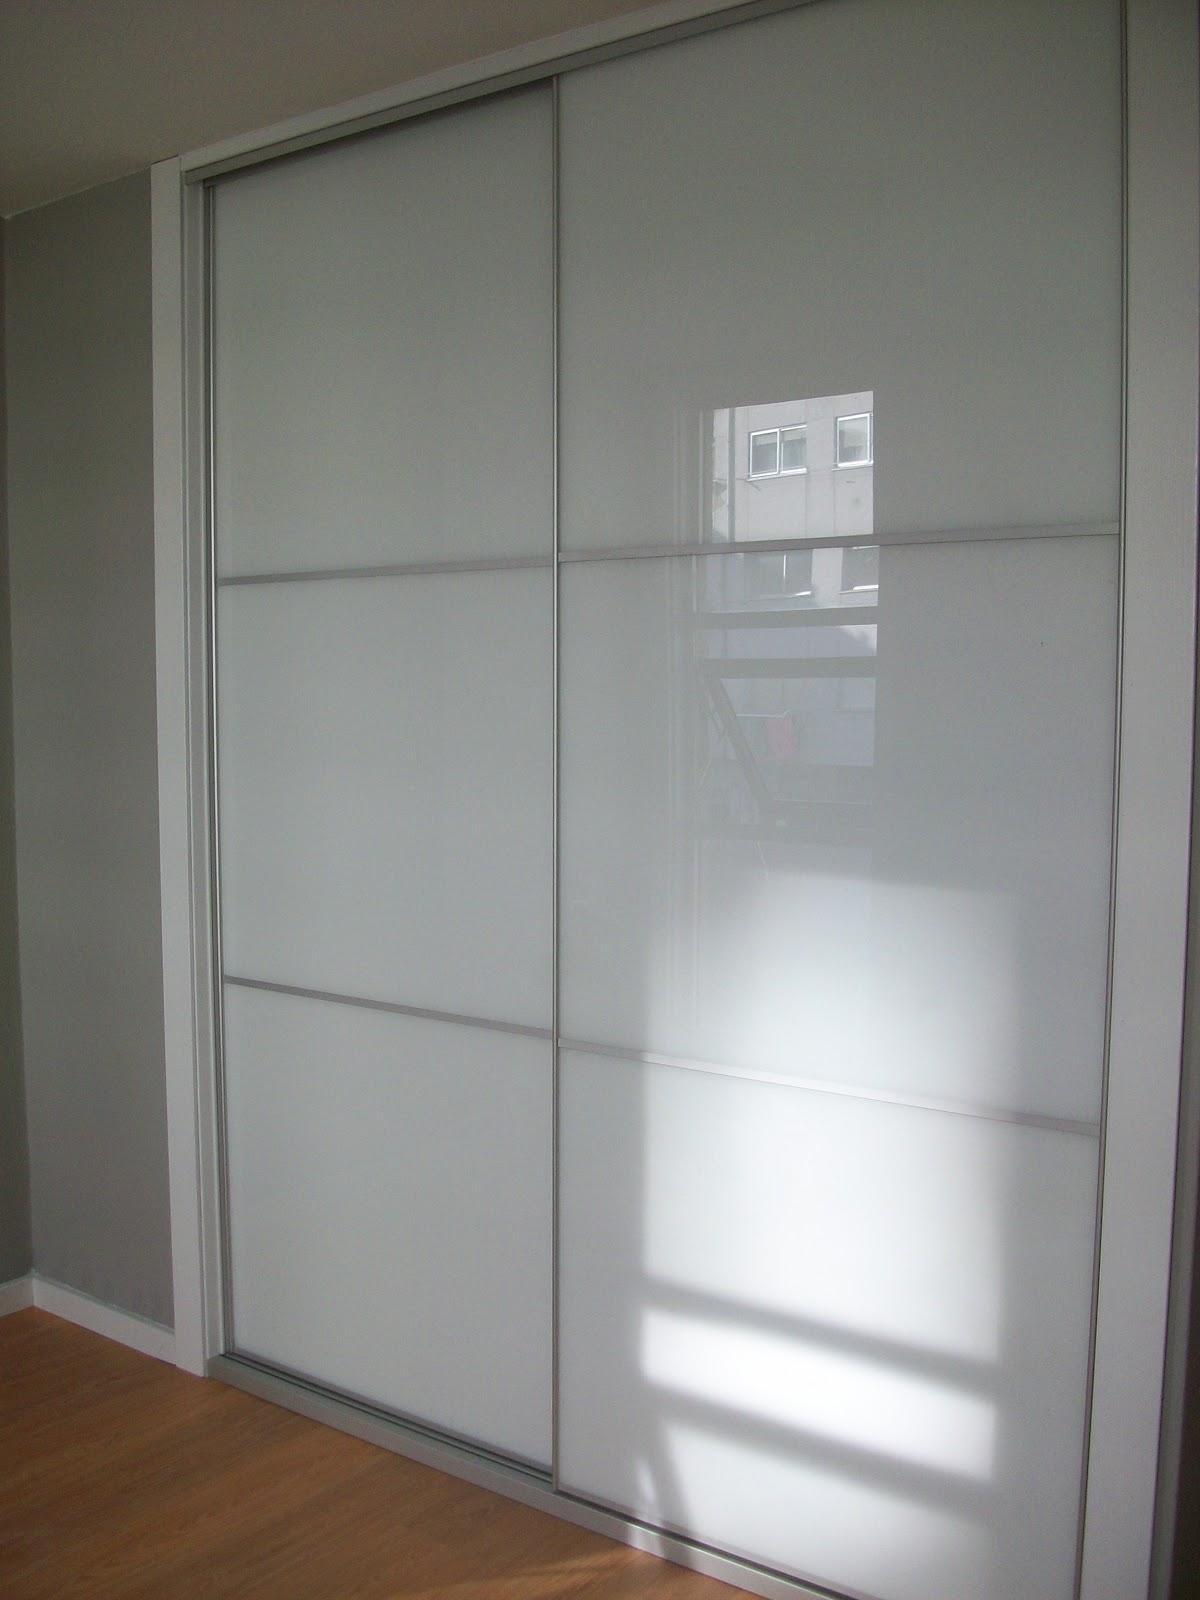 Sfc muebles sostenibles y creativos armarios - Armarios de cristal ...